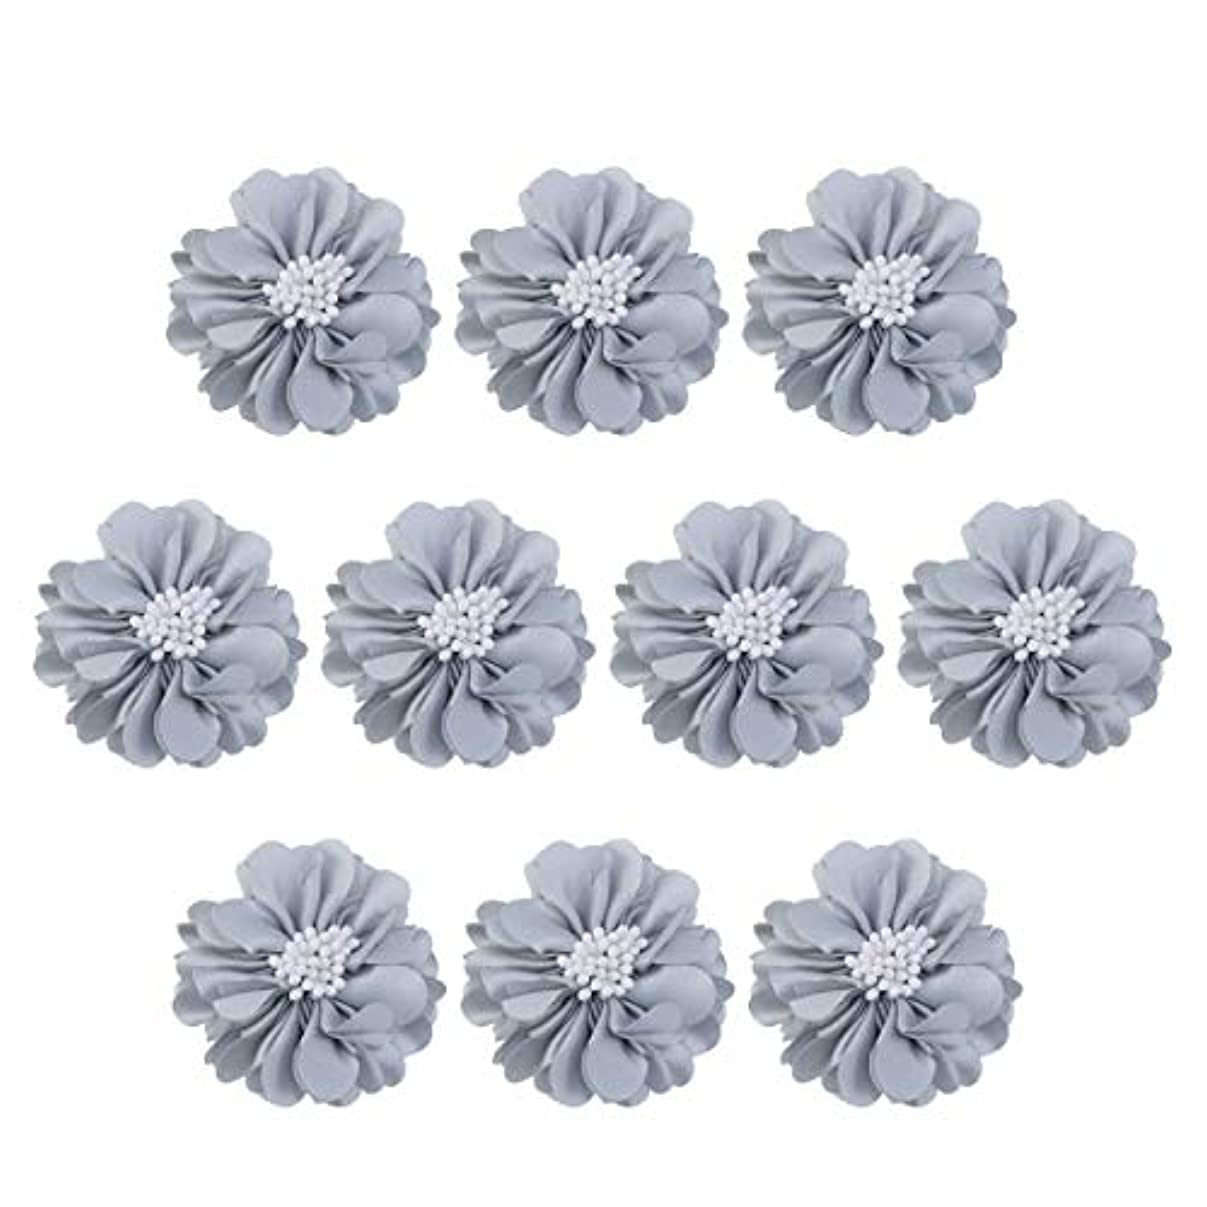 黒くする回転カポックVosarea 10個装飾シフォン花平底美しいDIY手作りぼろぼろの花のヘアクリップヘアアクセサリー(ブルー)